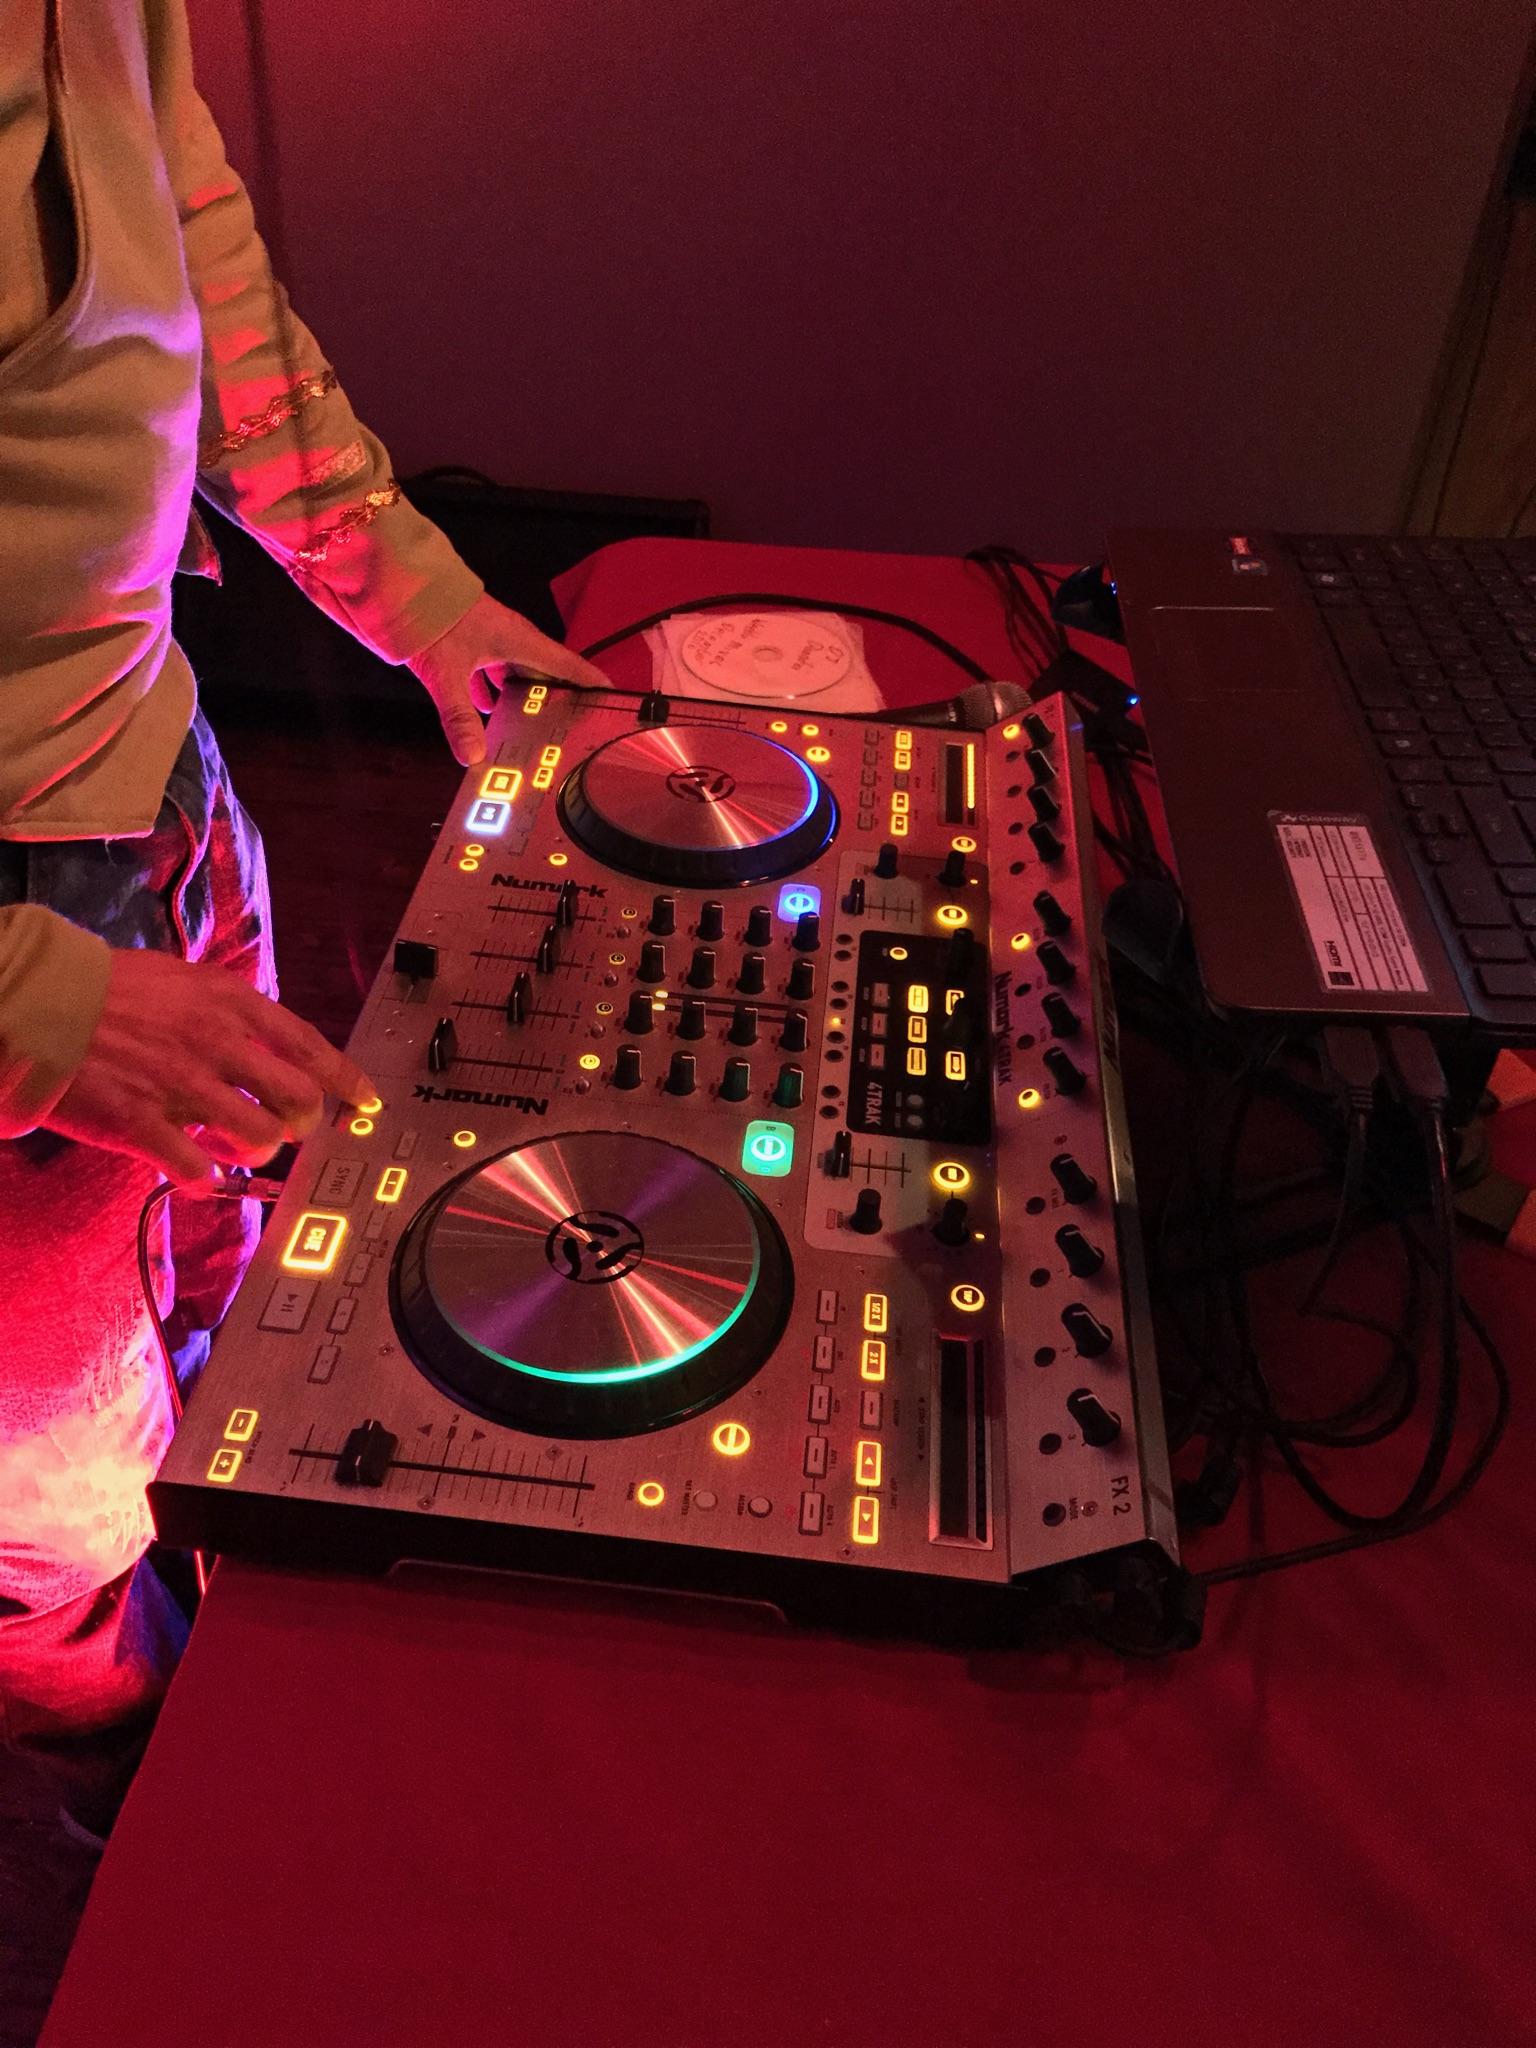 DJ DanniBoi's equipment